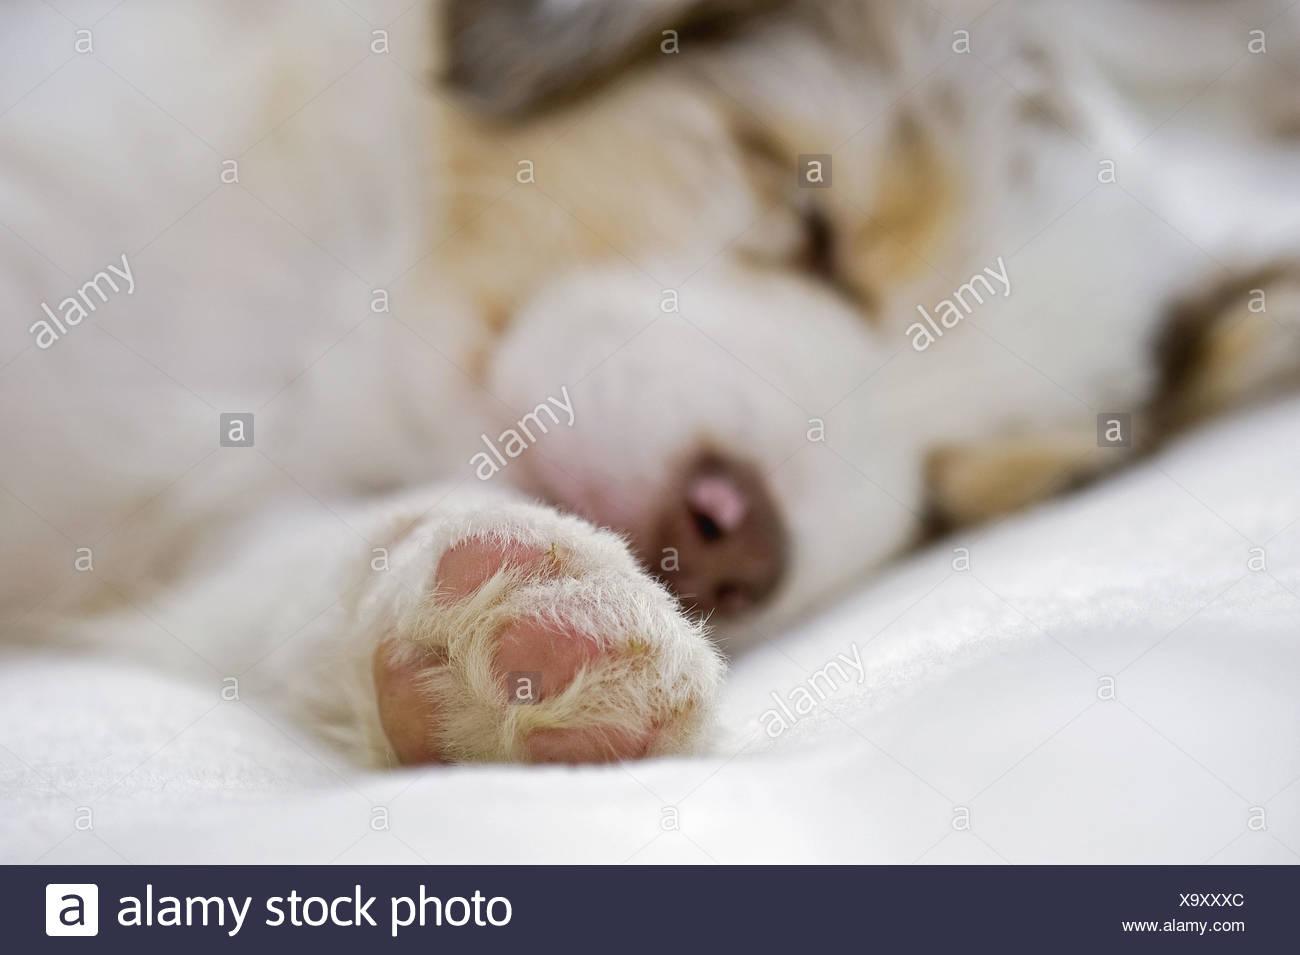 Australian Shepherd dog - puppy - sleeping - Stock Image